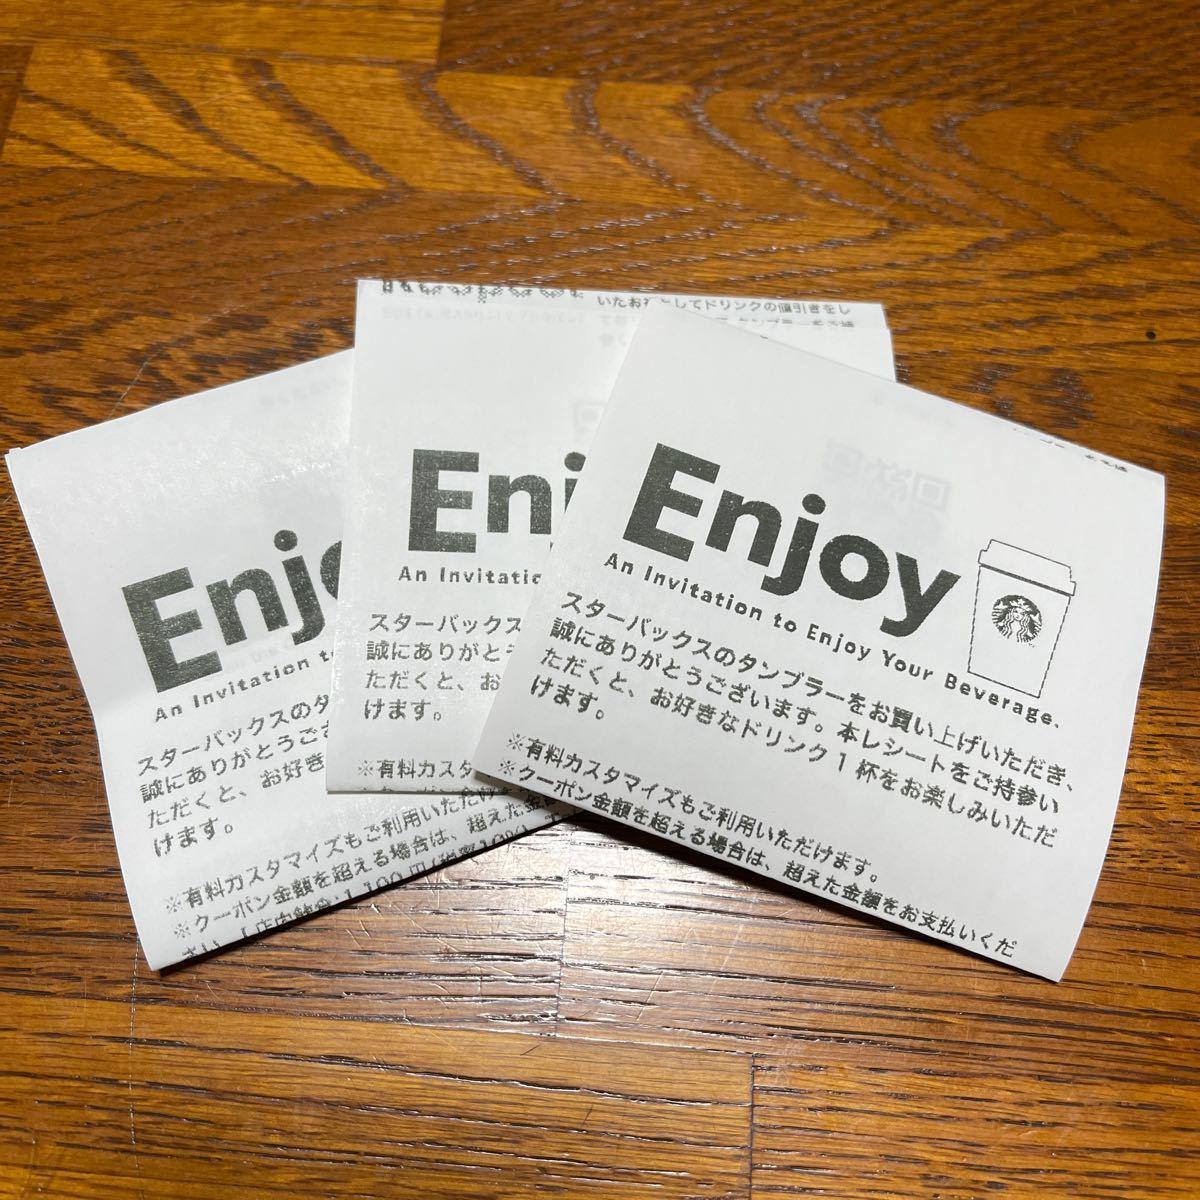 スターバックス ドリンクチケット 3枚 1100円までのドリンク購入可能 翌日発送可